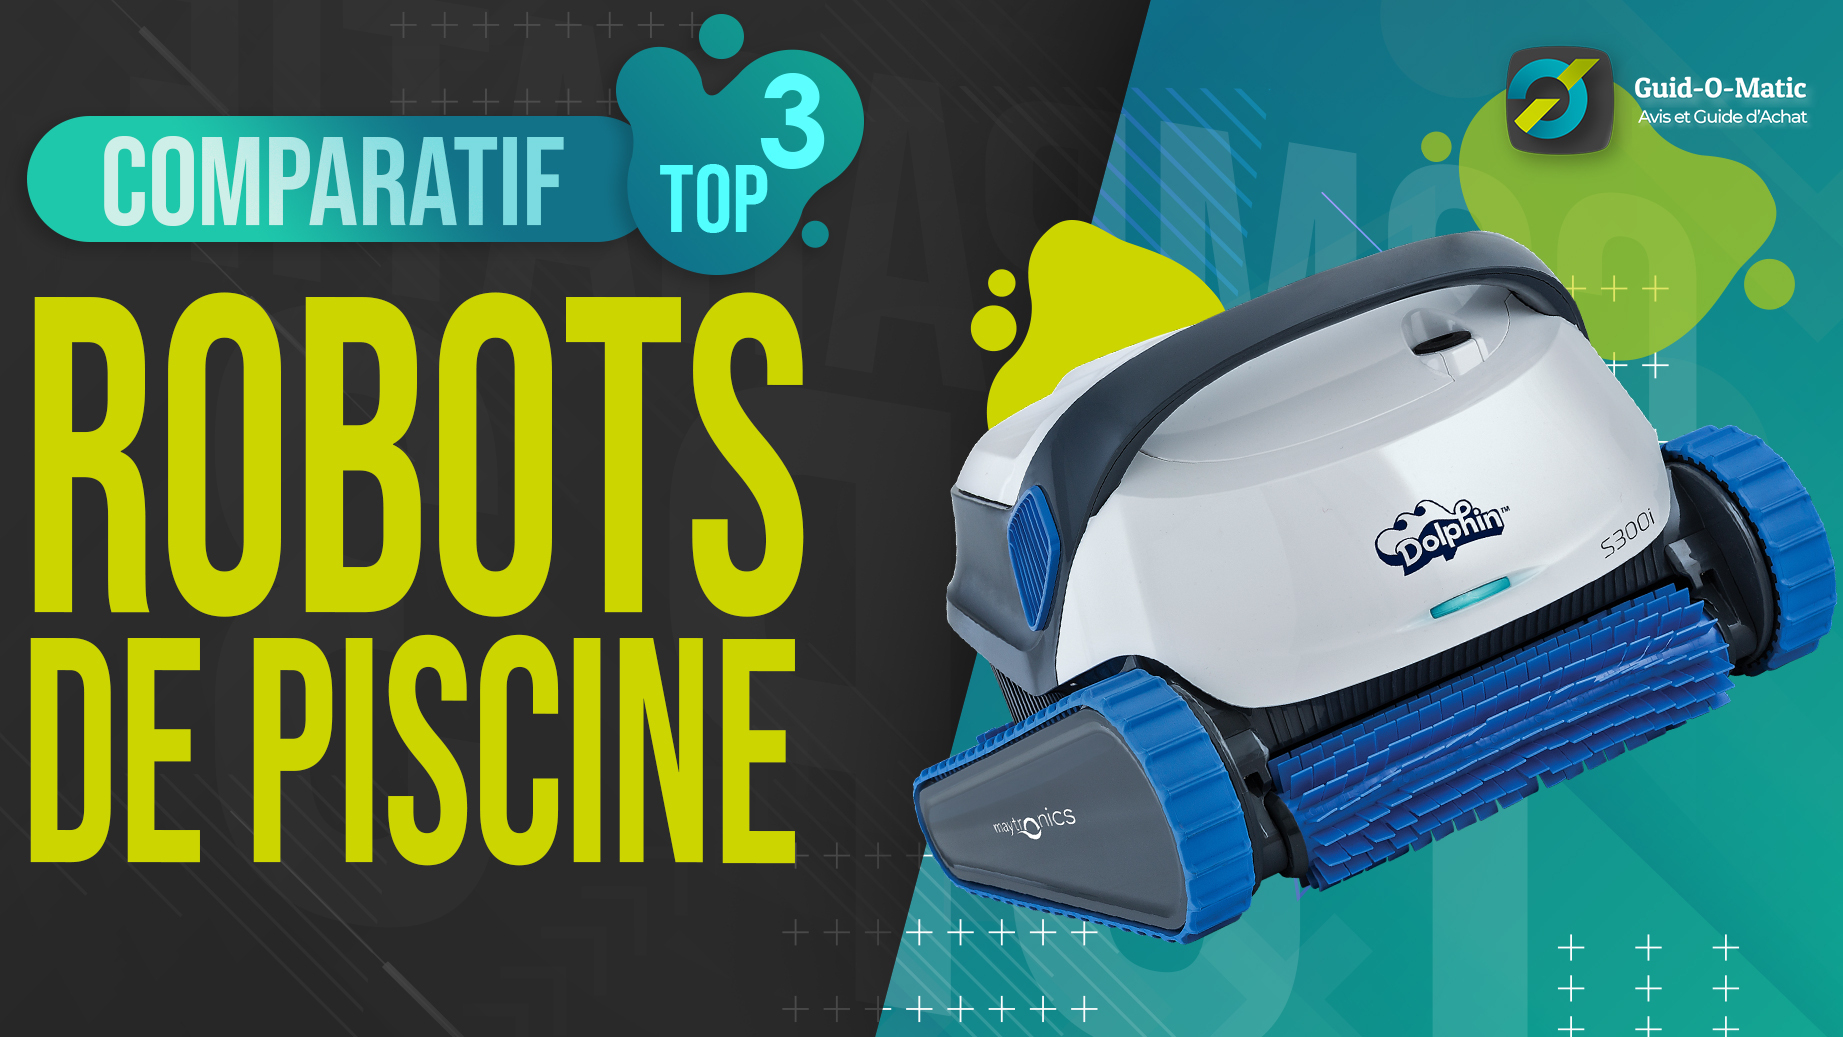 Meilleur Robot Aspirateur De Piscine - Guide D'achat ... serapportantà Comparatif Robot Piscine